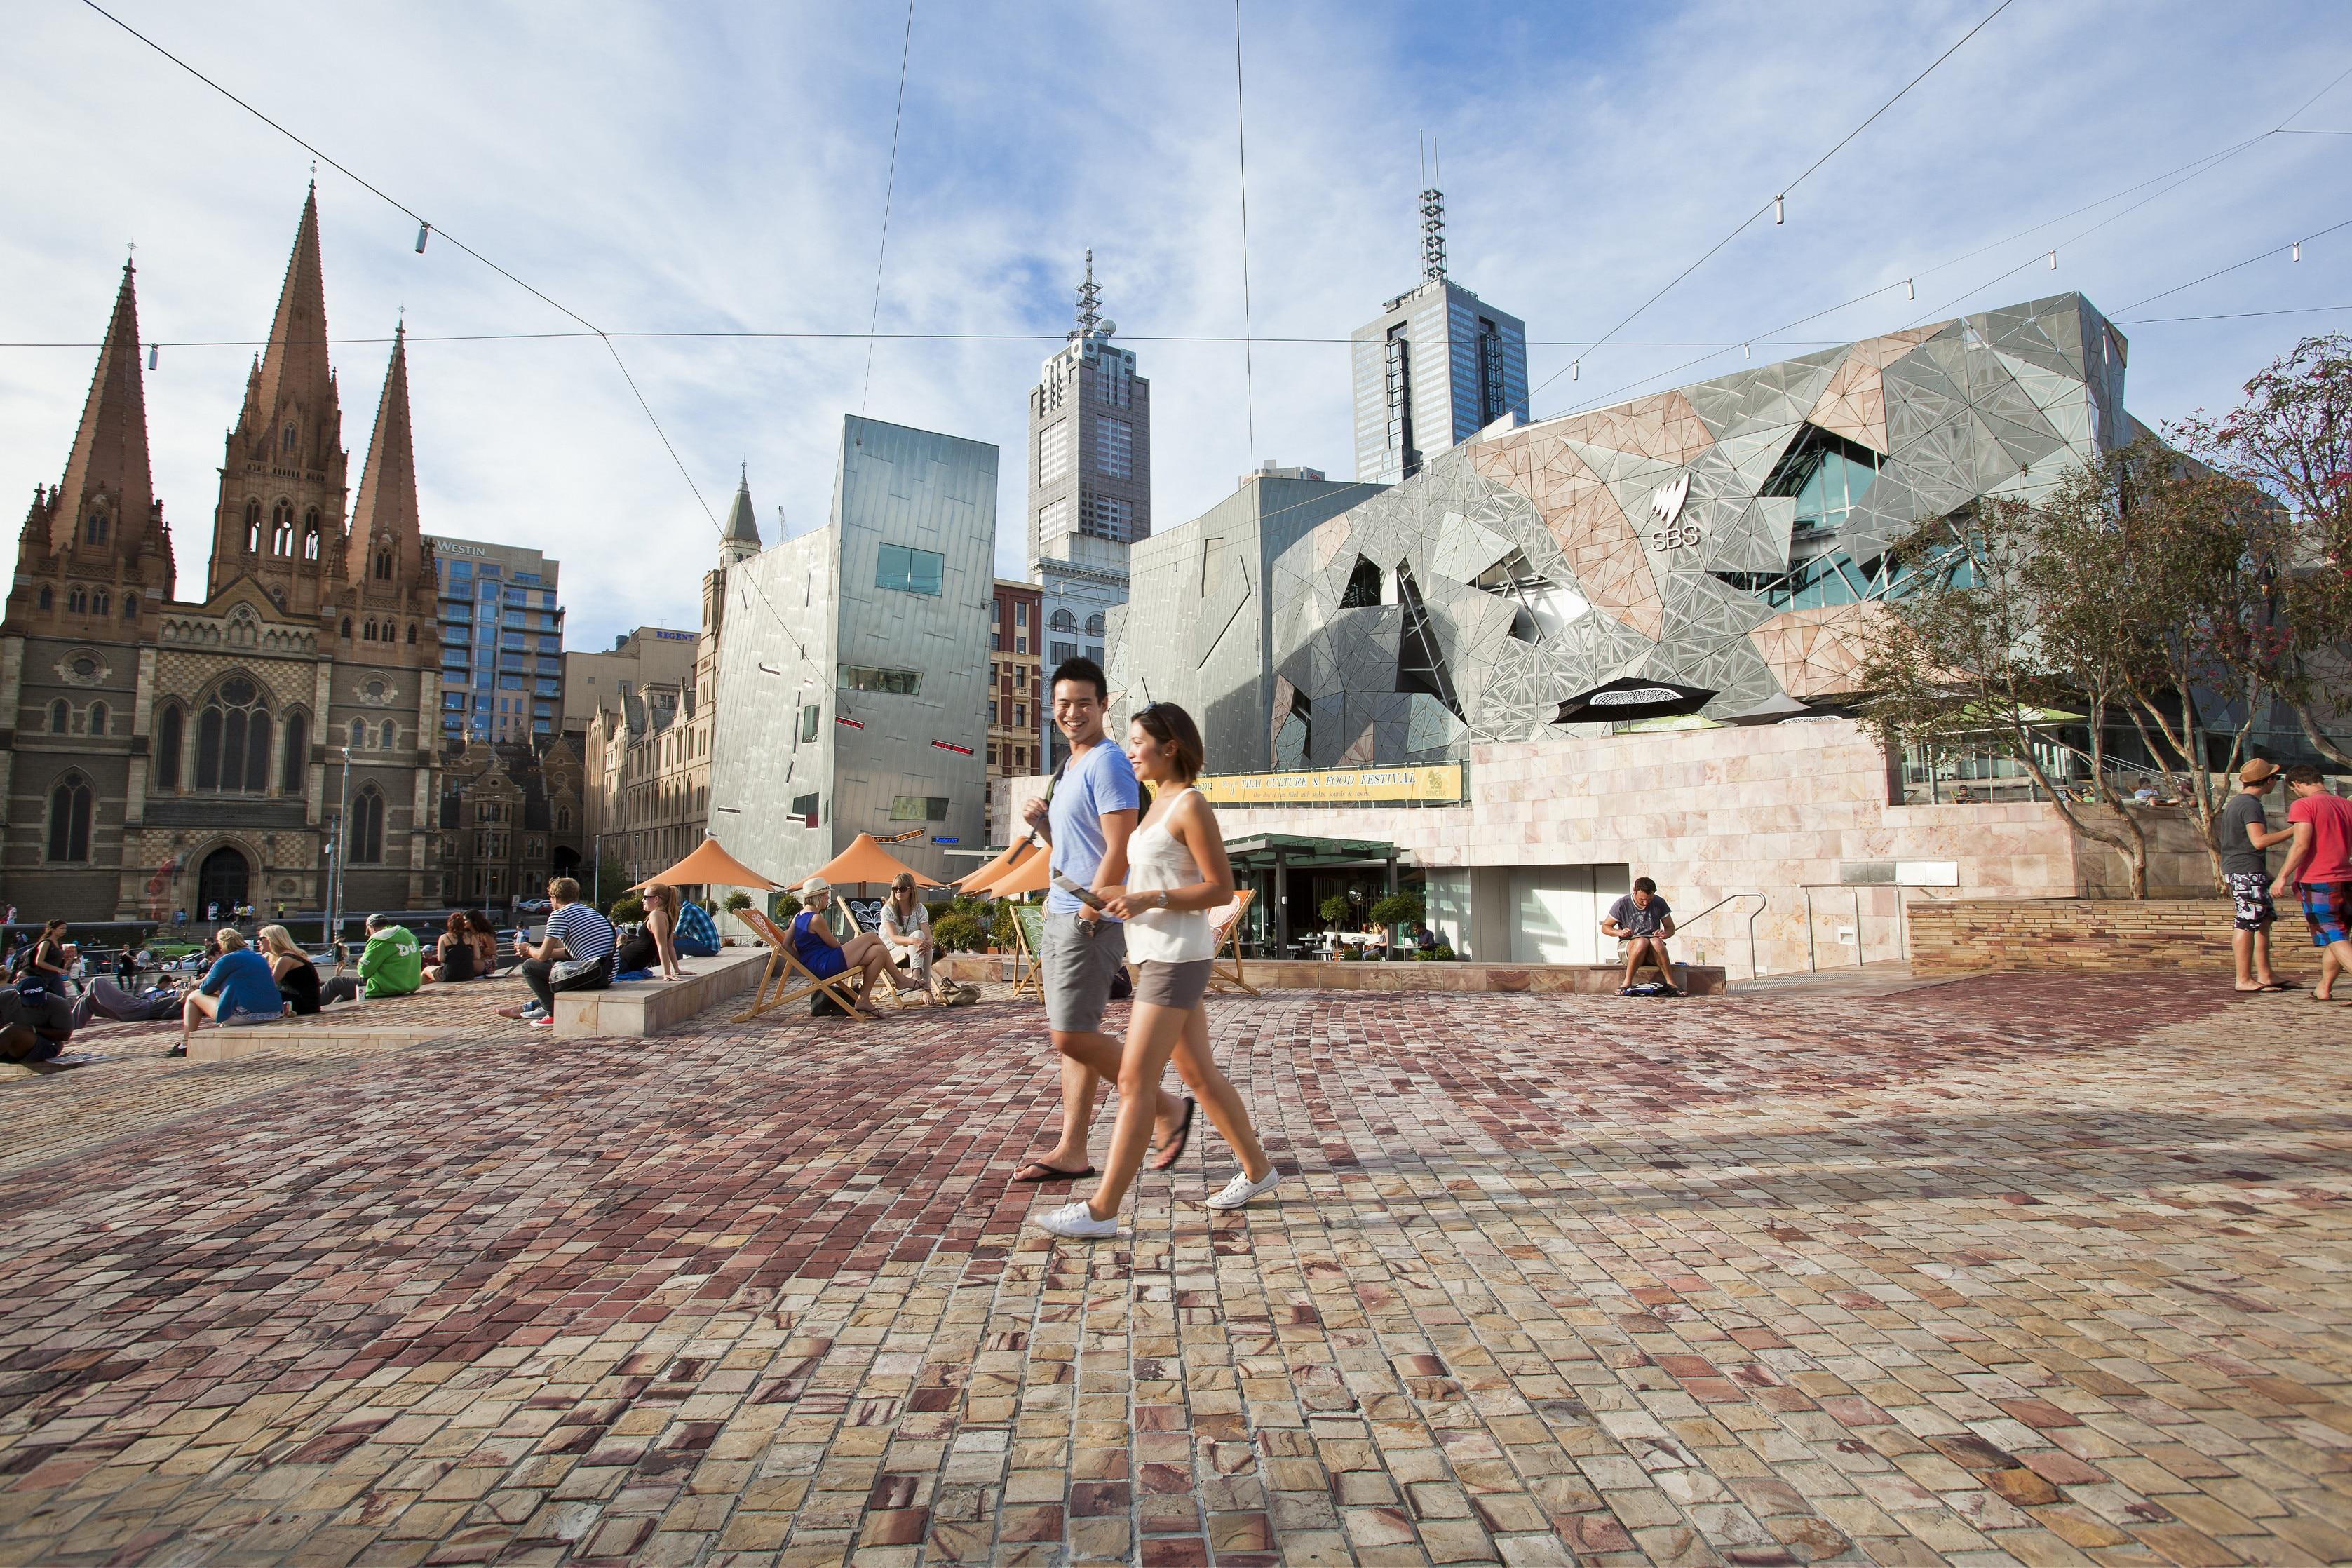 Federation Square, Victoria